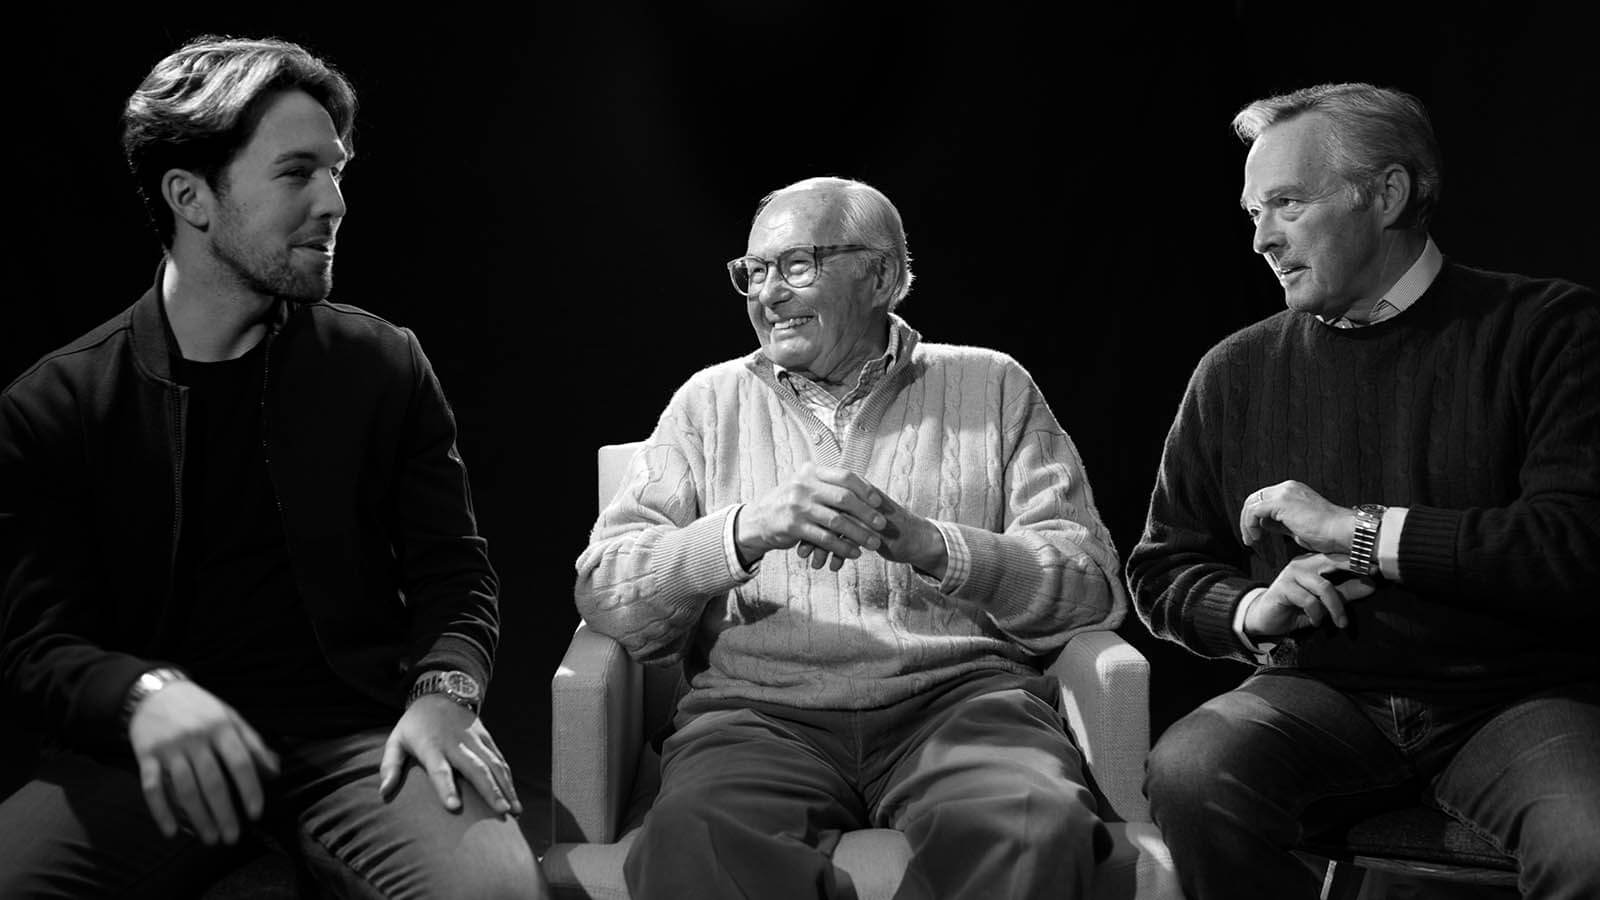 Drei Generationen der Familie Scheufele. Links Karl-Fritz Scheufele, Mitte Karl Scheufele, rechts Karl-Friedrich Scheufele